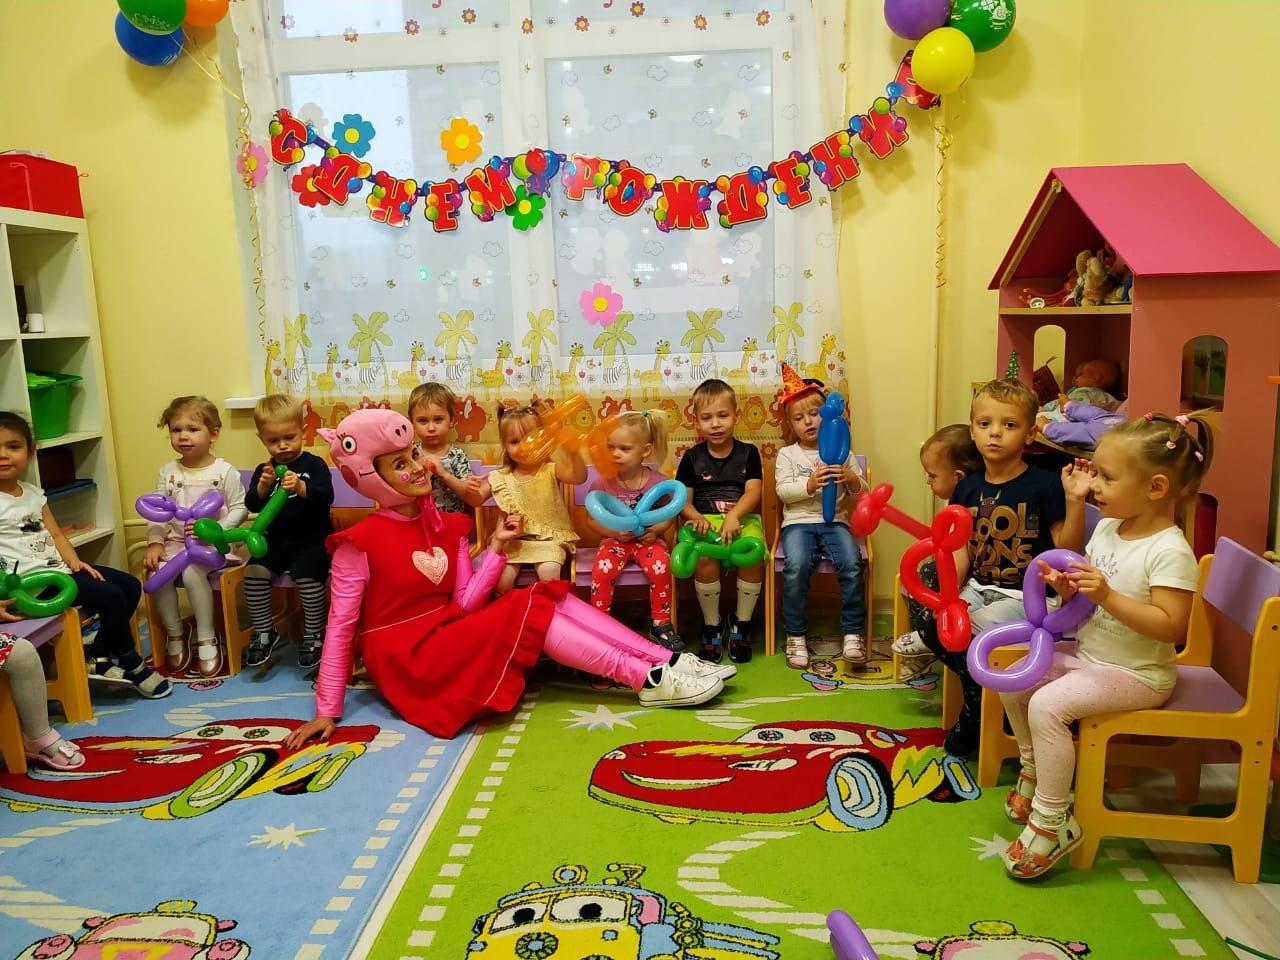 Английский детский сад Химки, Куркино, Старые Химки на улице Молодежная 63к3